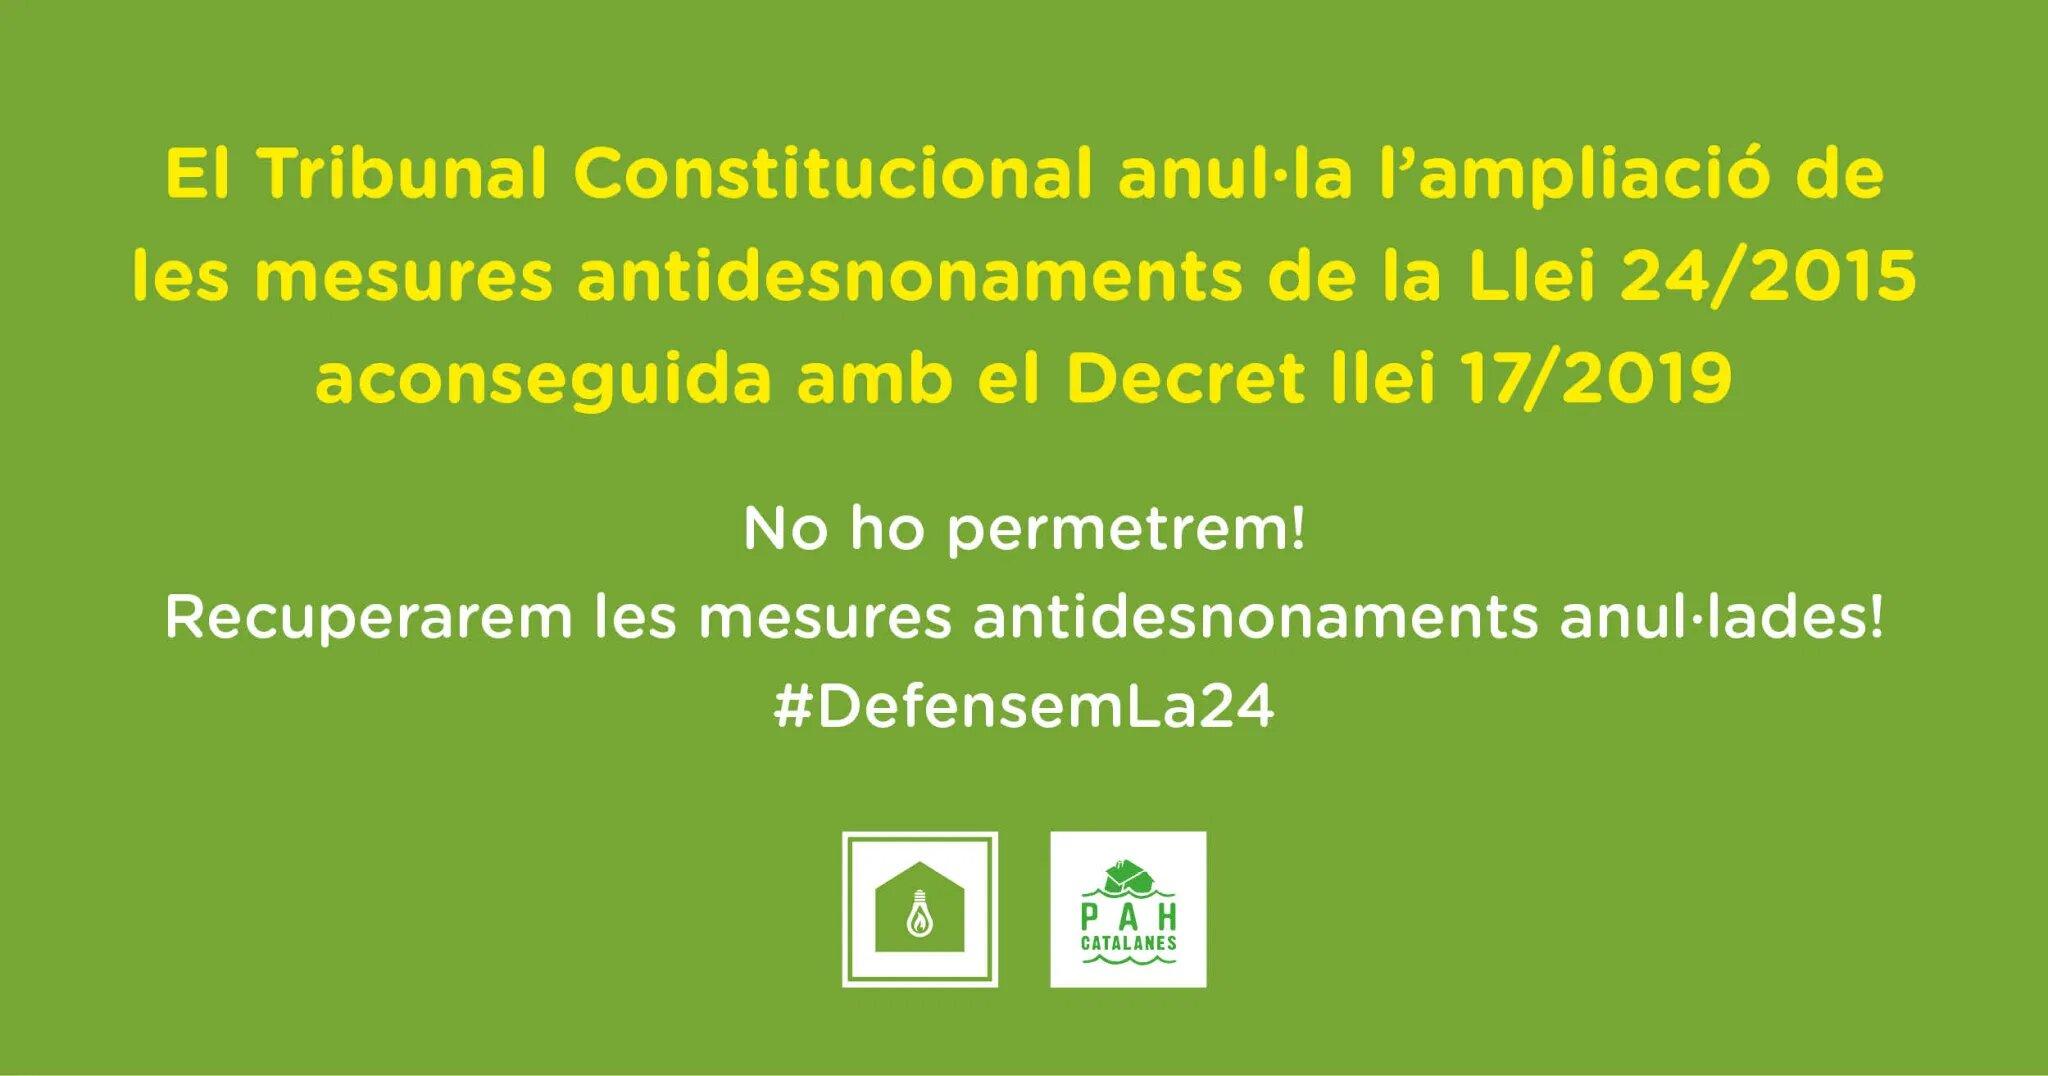 El Tribunal Constitucional anula la ampliación de las medidas antidesahucios de la Ley 24/2015 conseguida con el Decreto ley 17/2019